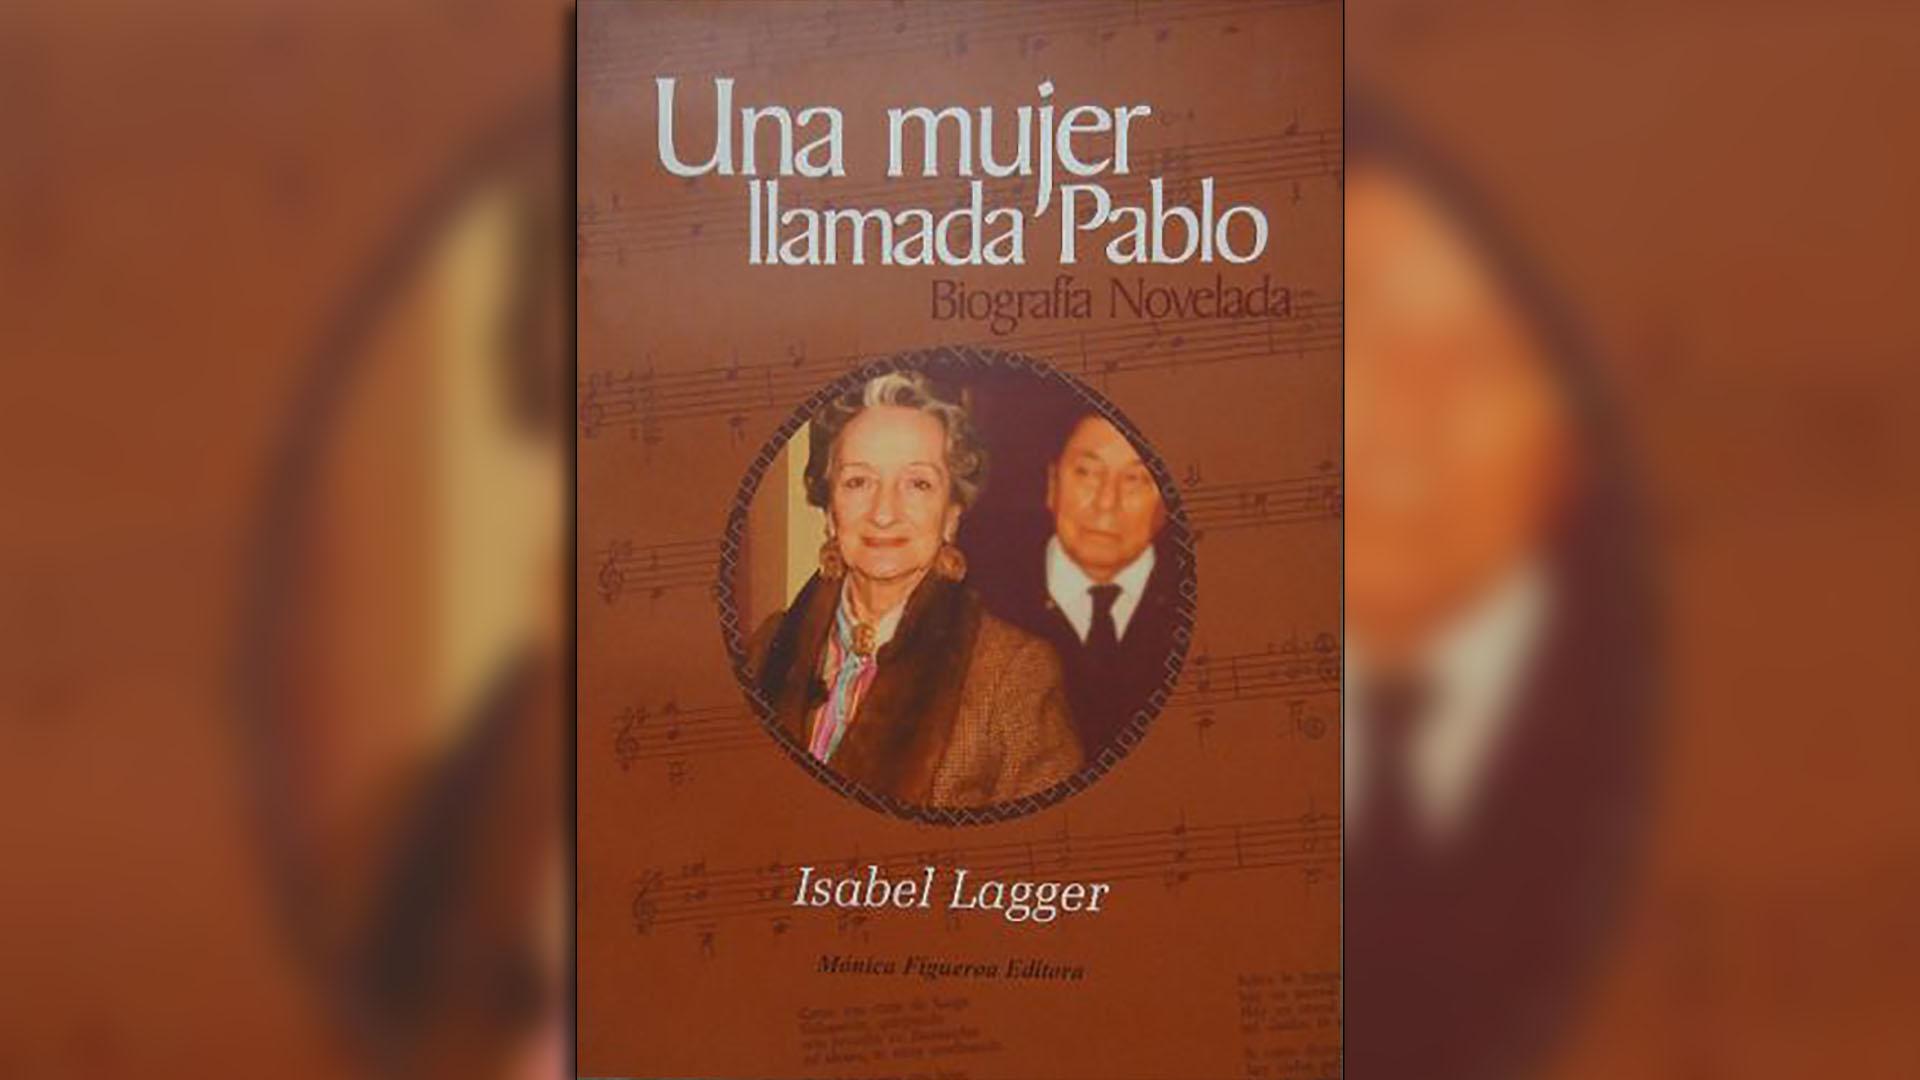 """Tapa del libro """"Una mujer llamada Pablo"""" de Isabel Lagger"""